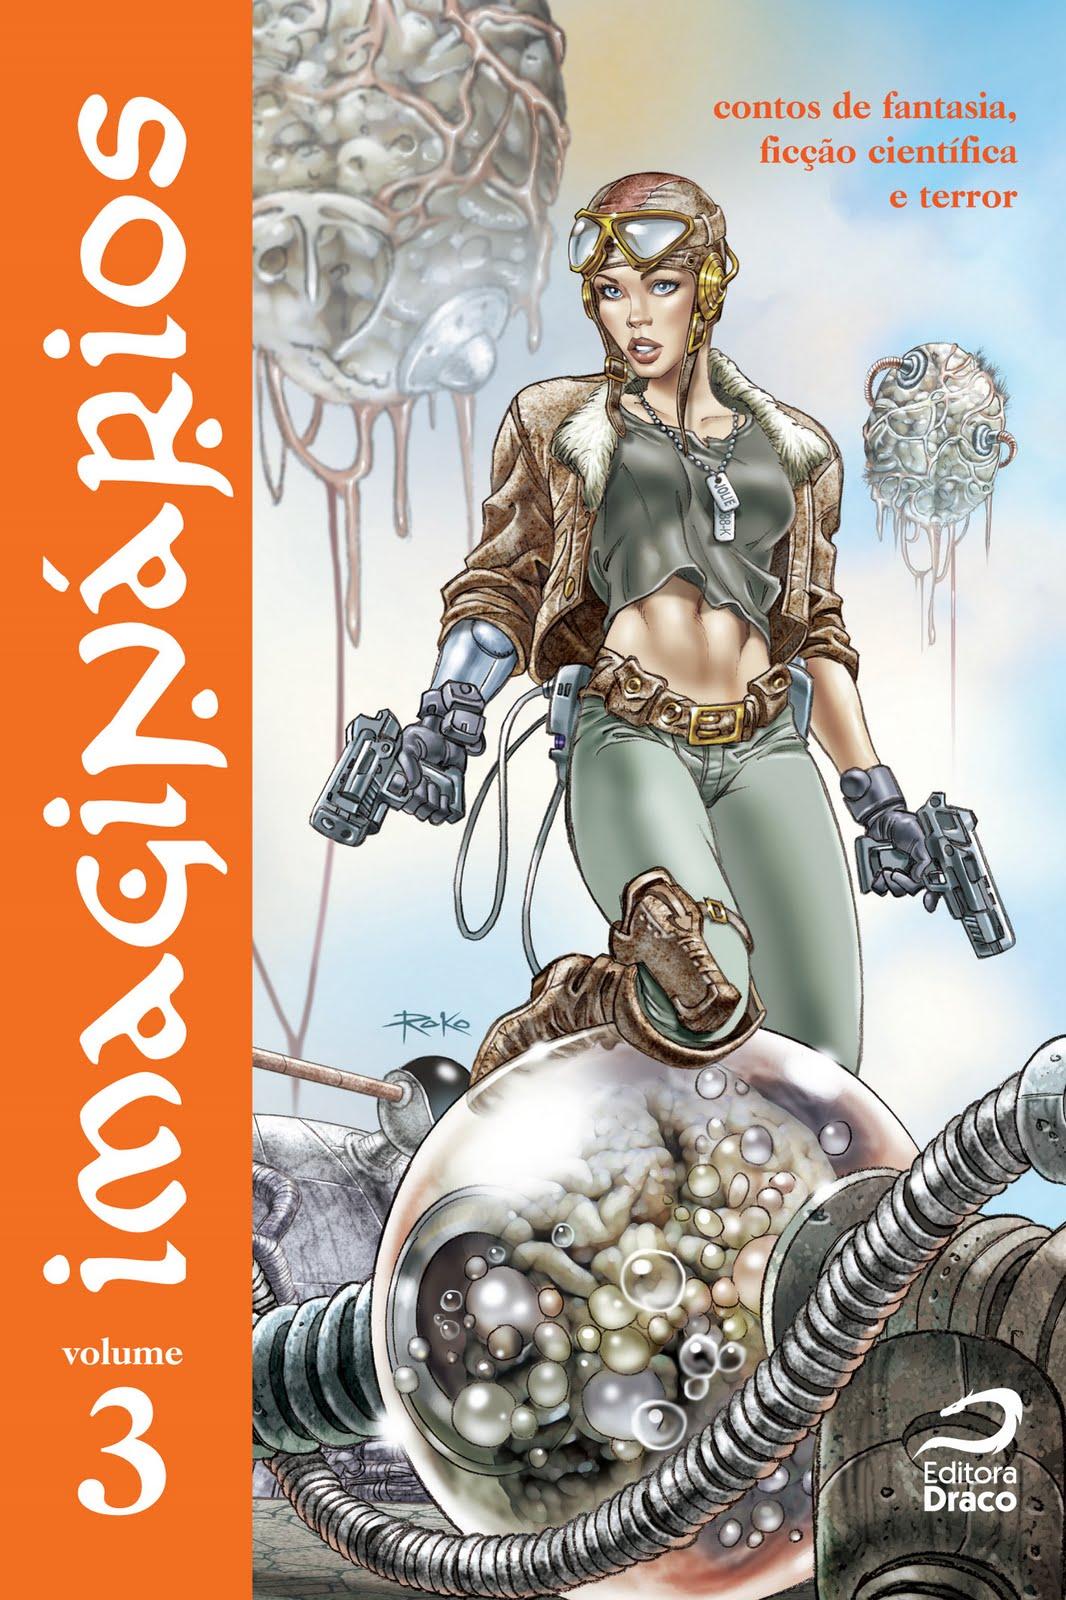 Photo of Imaginários Volume 3: steampunk, cyberpunk e o que há de melhor na literatura fantástica nacional [Livro]